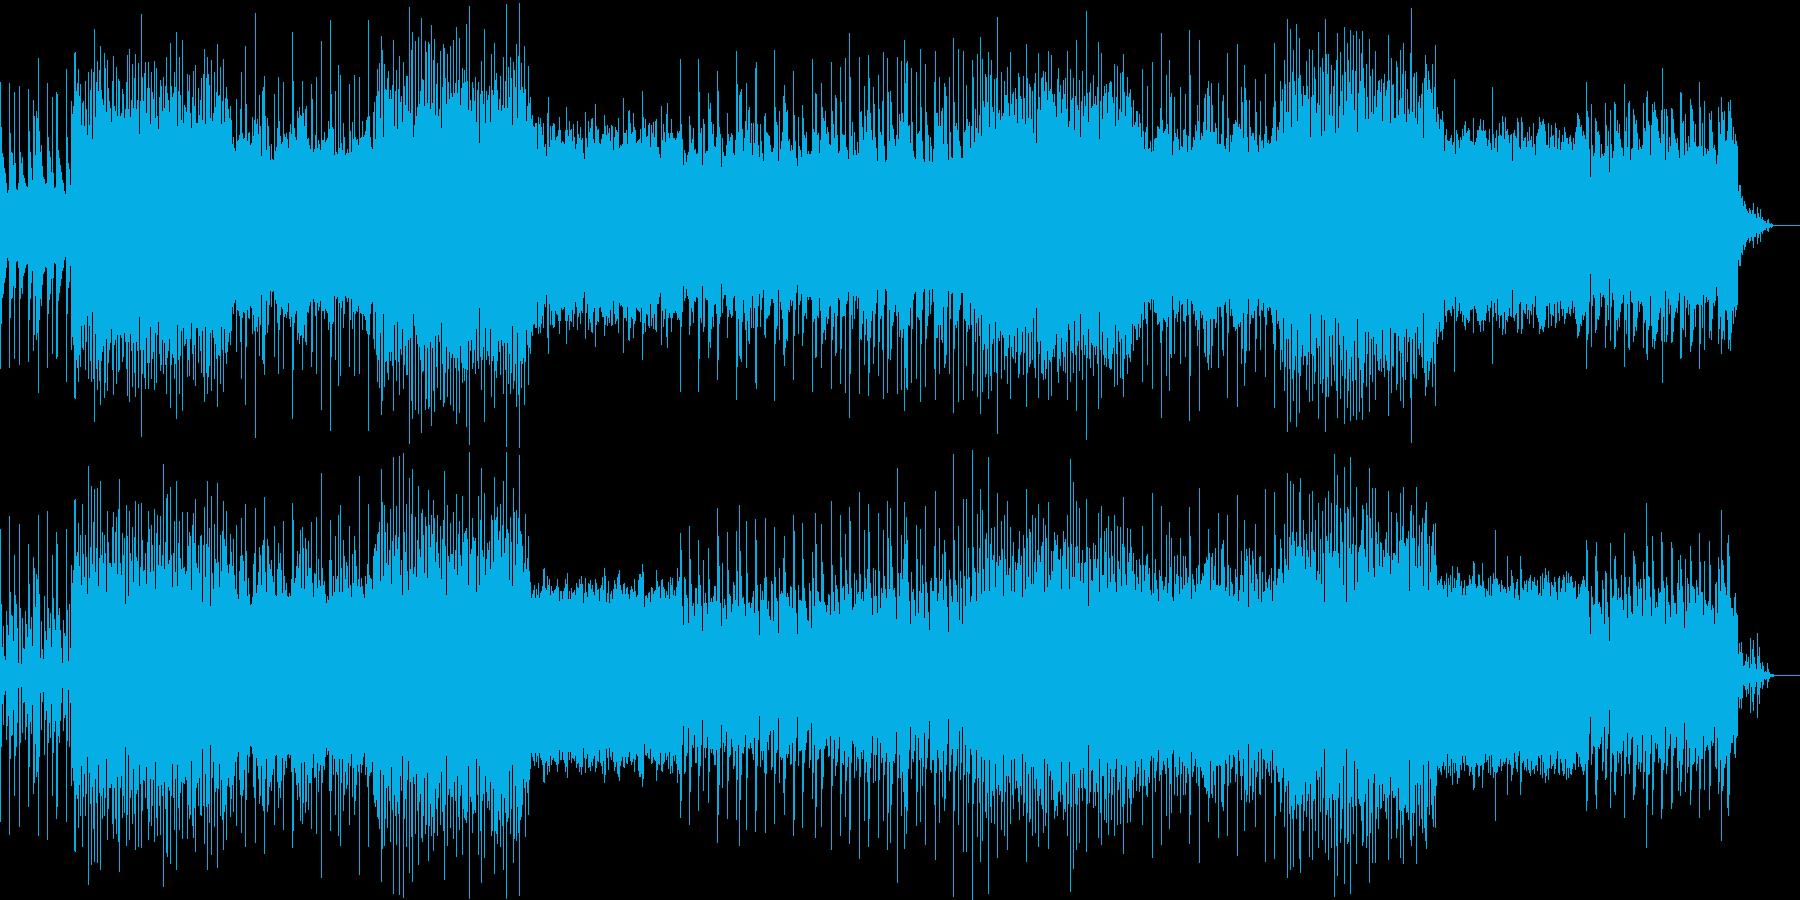 梅雨の時期をイメージしてつくった楽曲で…の再生済みの波形